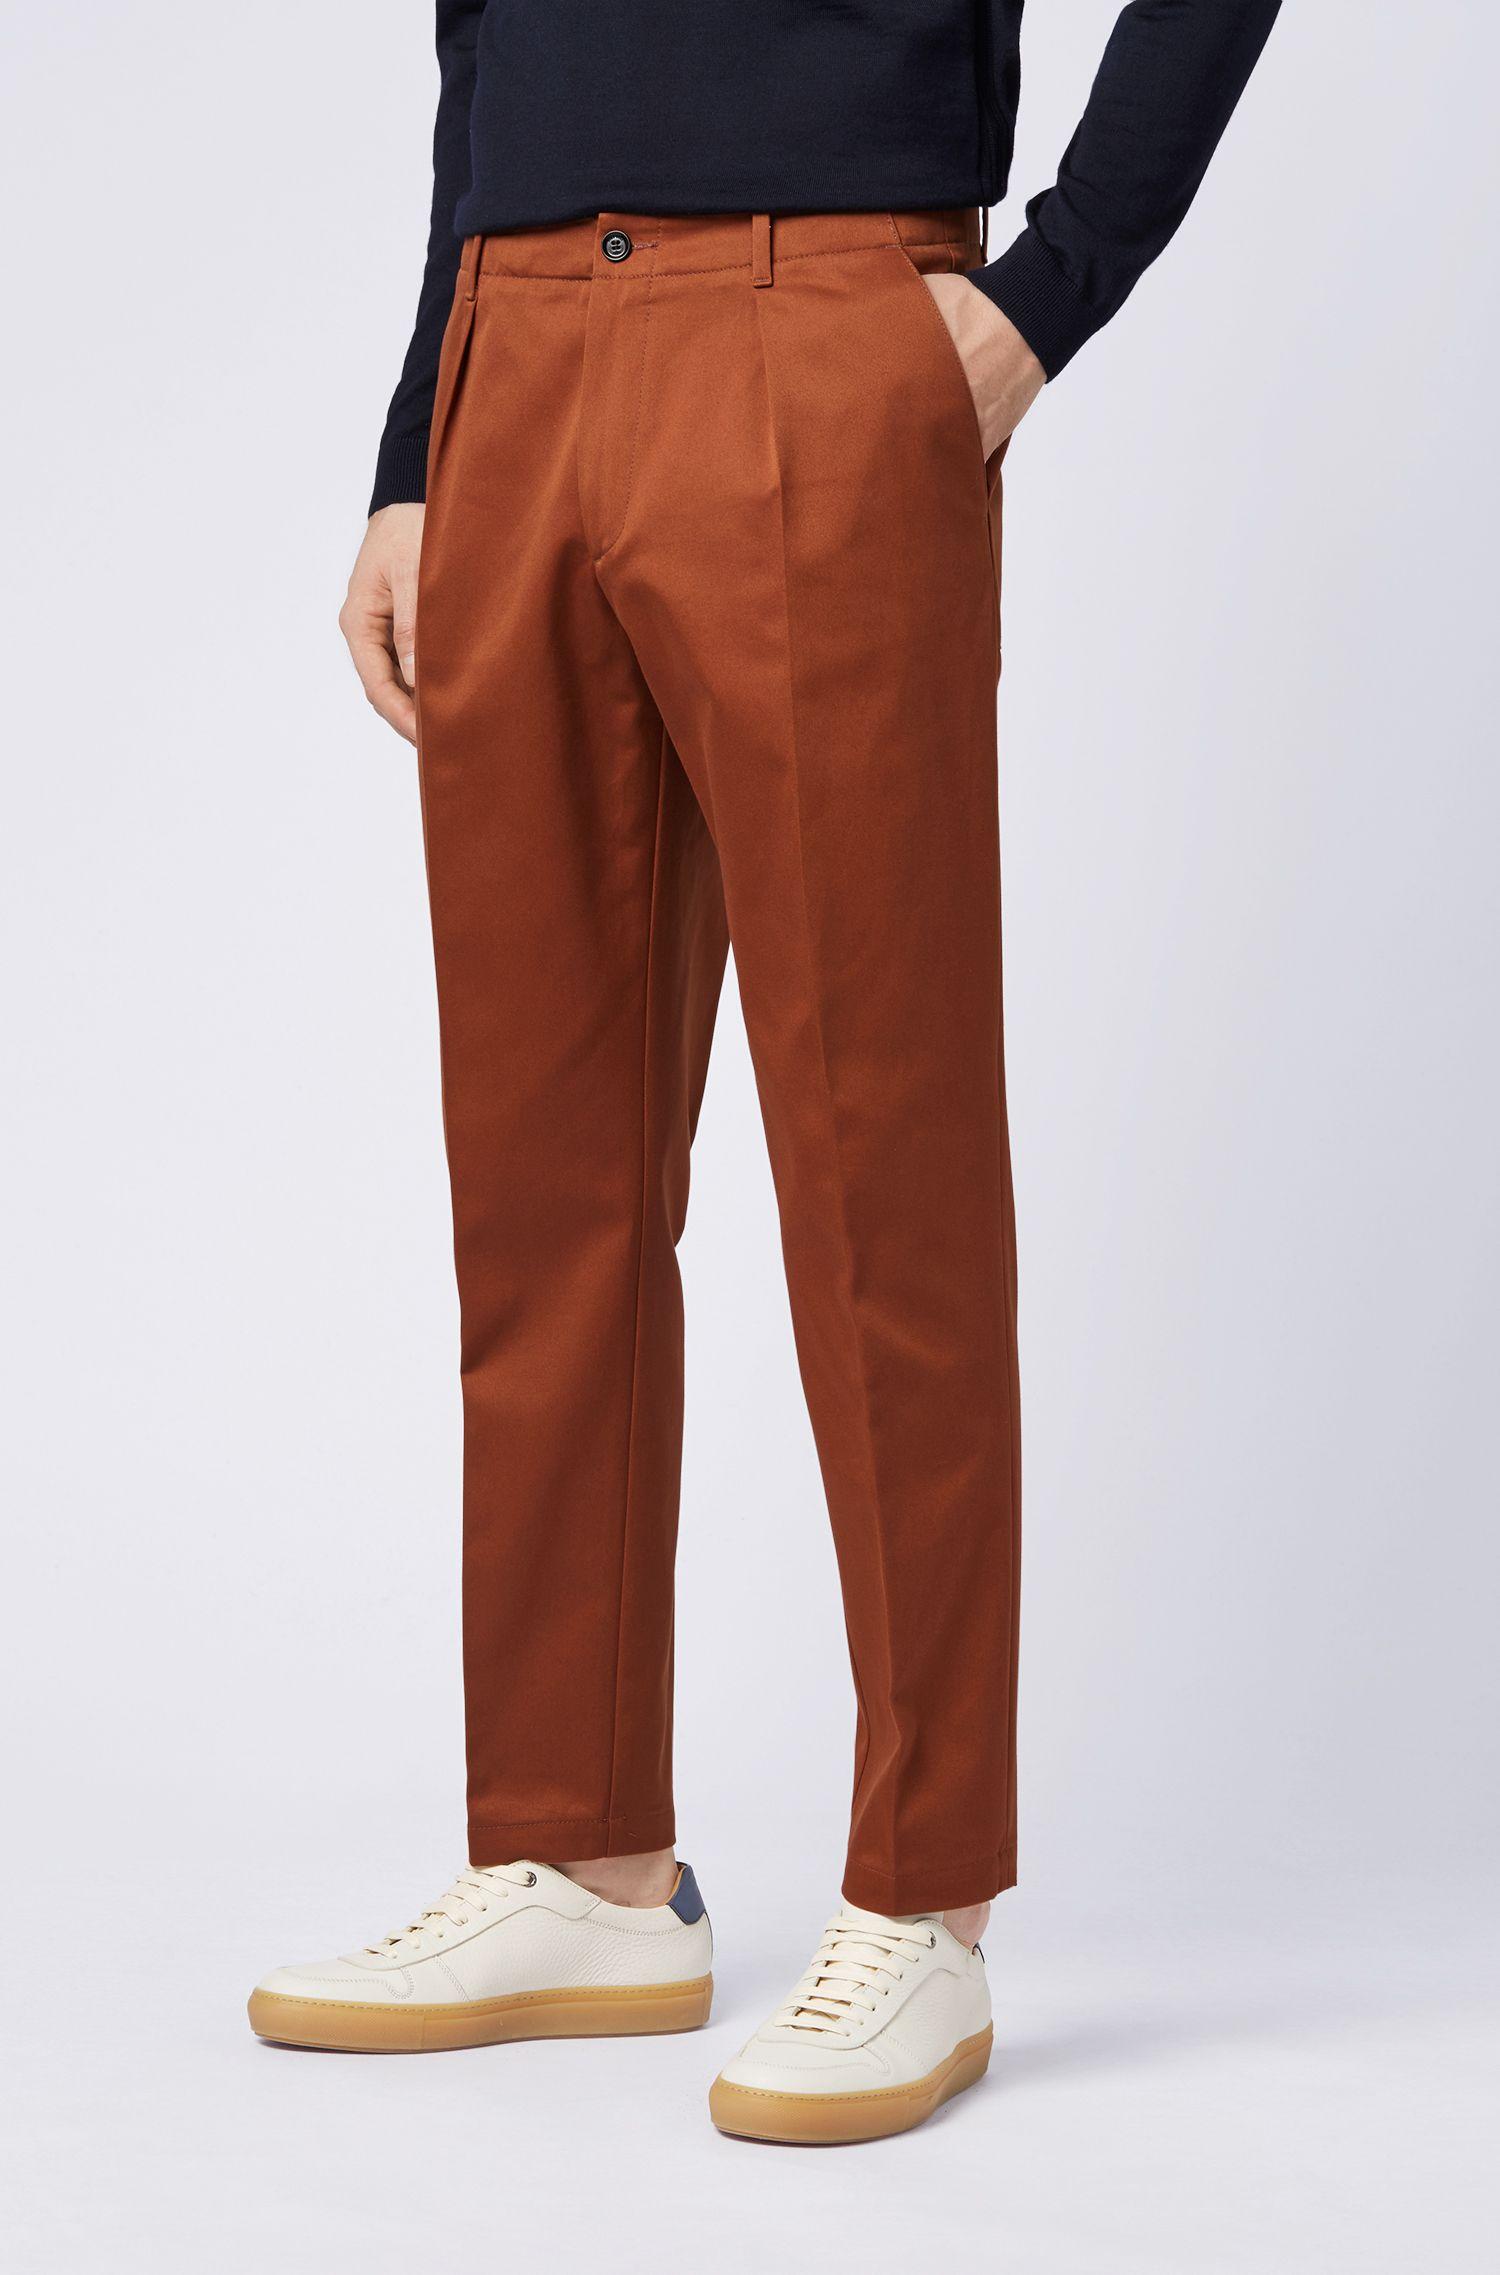 Hugo Boss - Pantalones relaxed fit en tejido de gabardina de algodón con bolsillos cosidos - 5